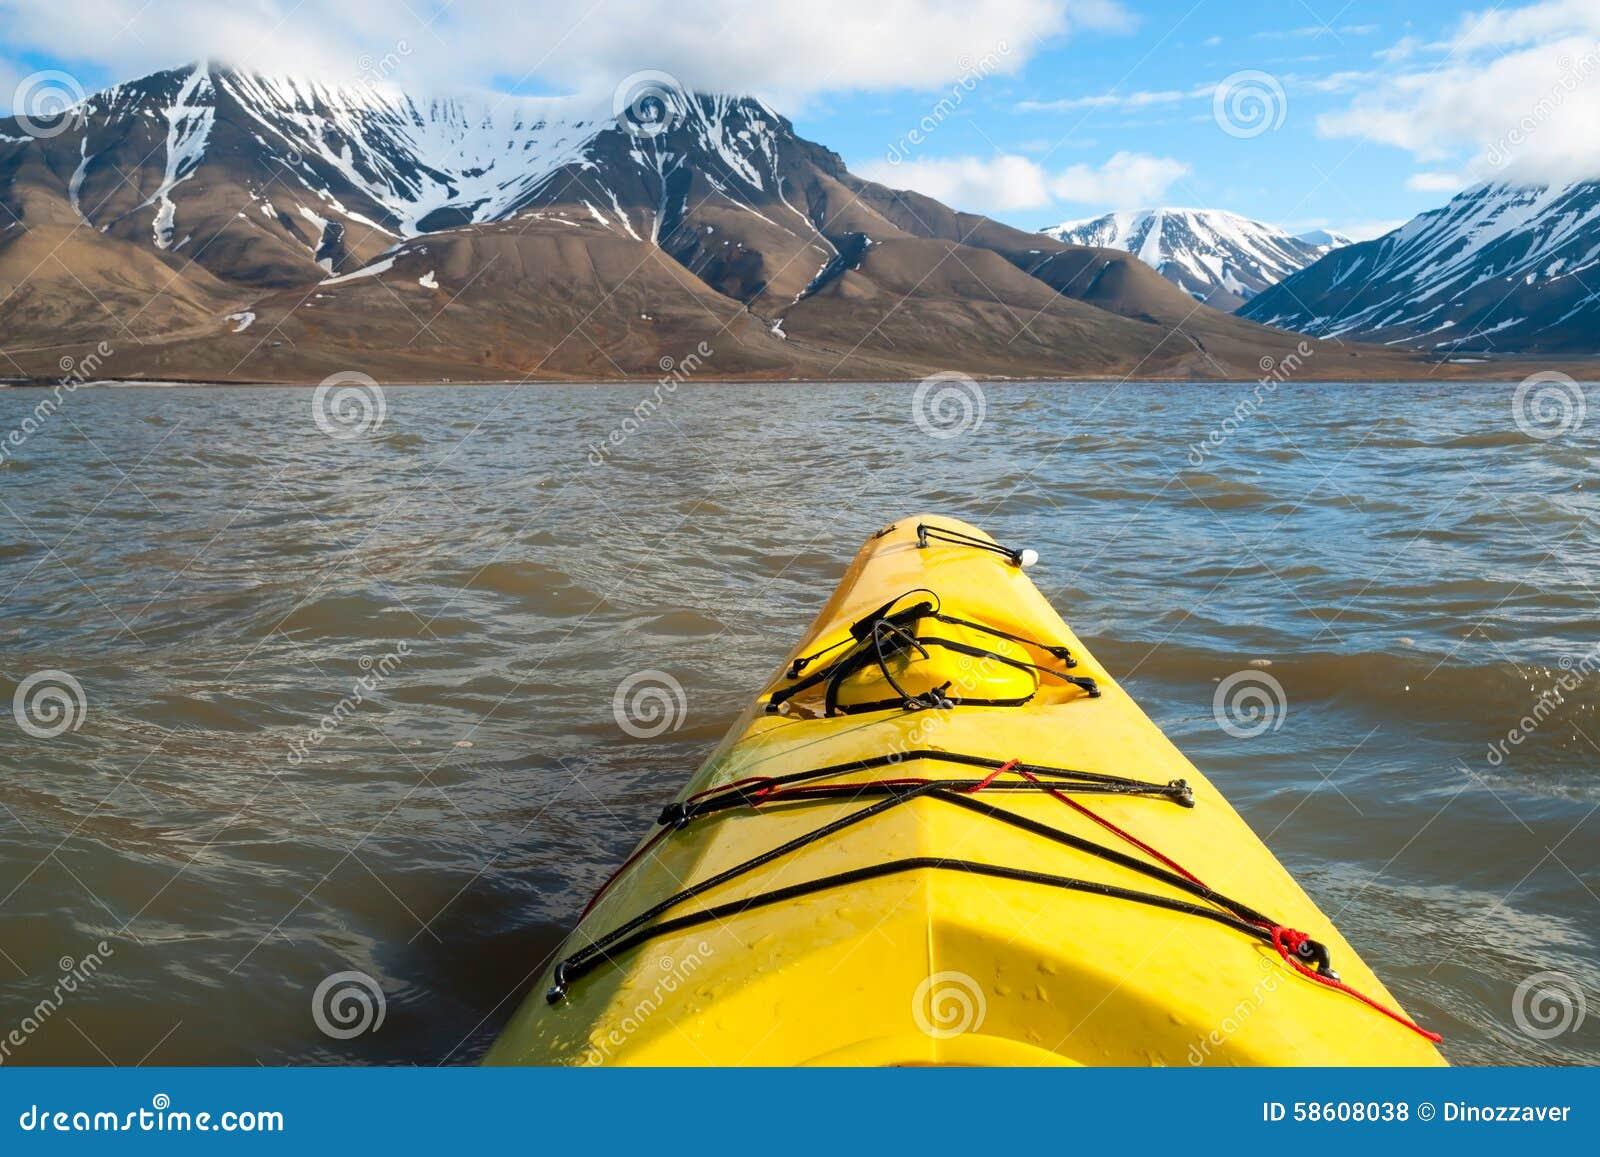 Auf dem Meer in Svalbard Kayak fahren, erste Personenansicht